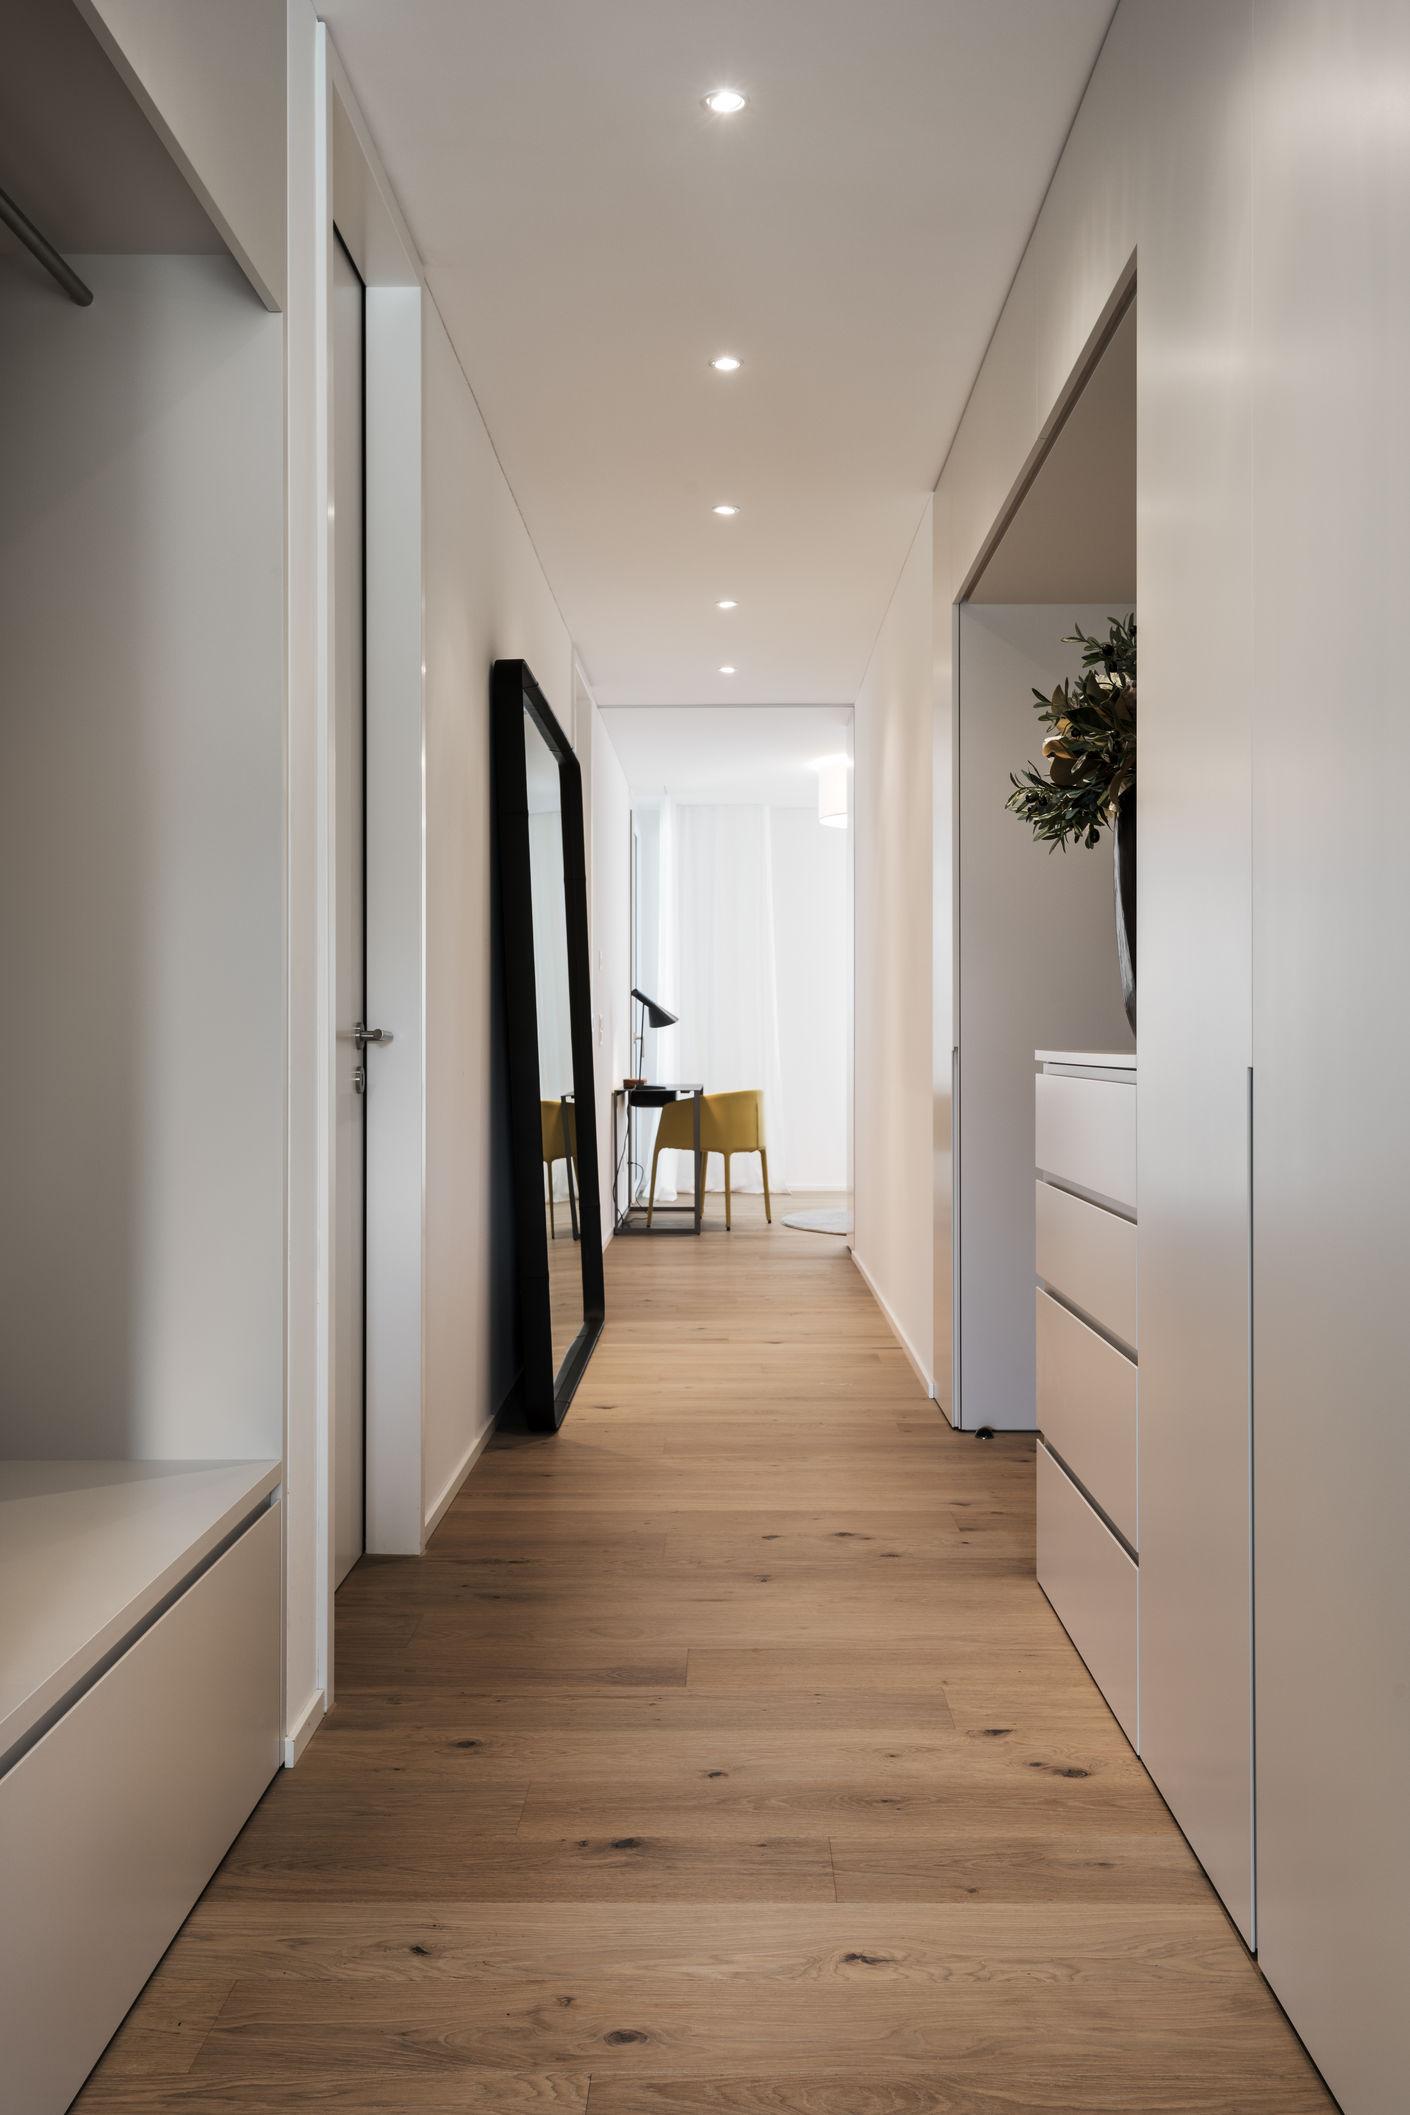 Der Eingangsbereich in Ihrem Daheim soll gut aussehen, den Charakter des Objektes unterstreichen und Raum für Kleider, Schuhe, Schlüssel & Handy bieten. Wir bauen Garderoben, so individuell, wie Sie wollen.  Interior Design: Daniel Stuber, Greige GbmH